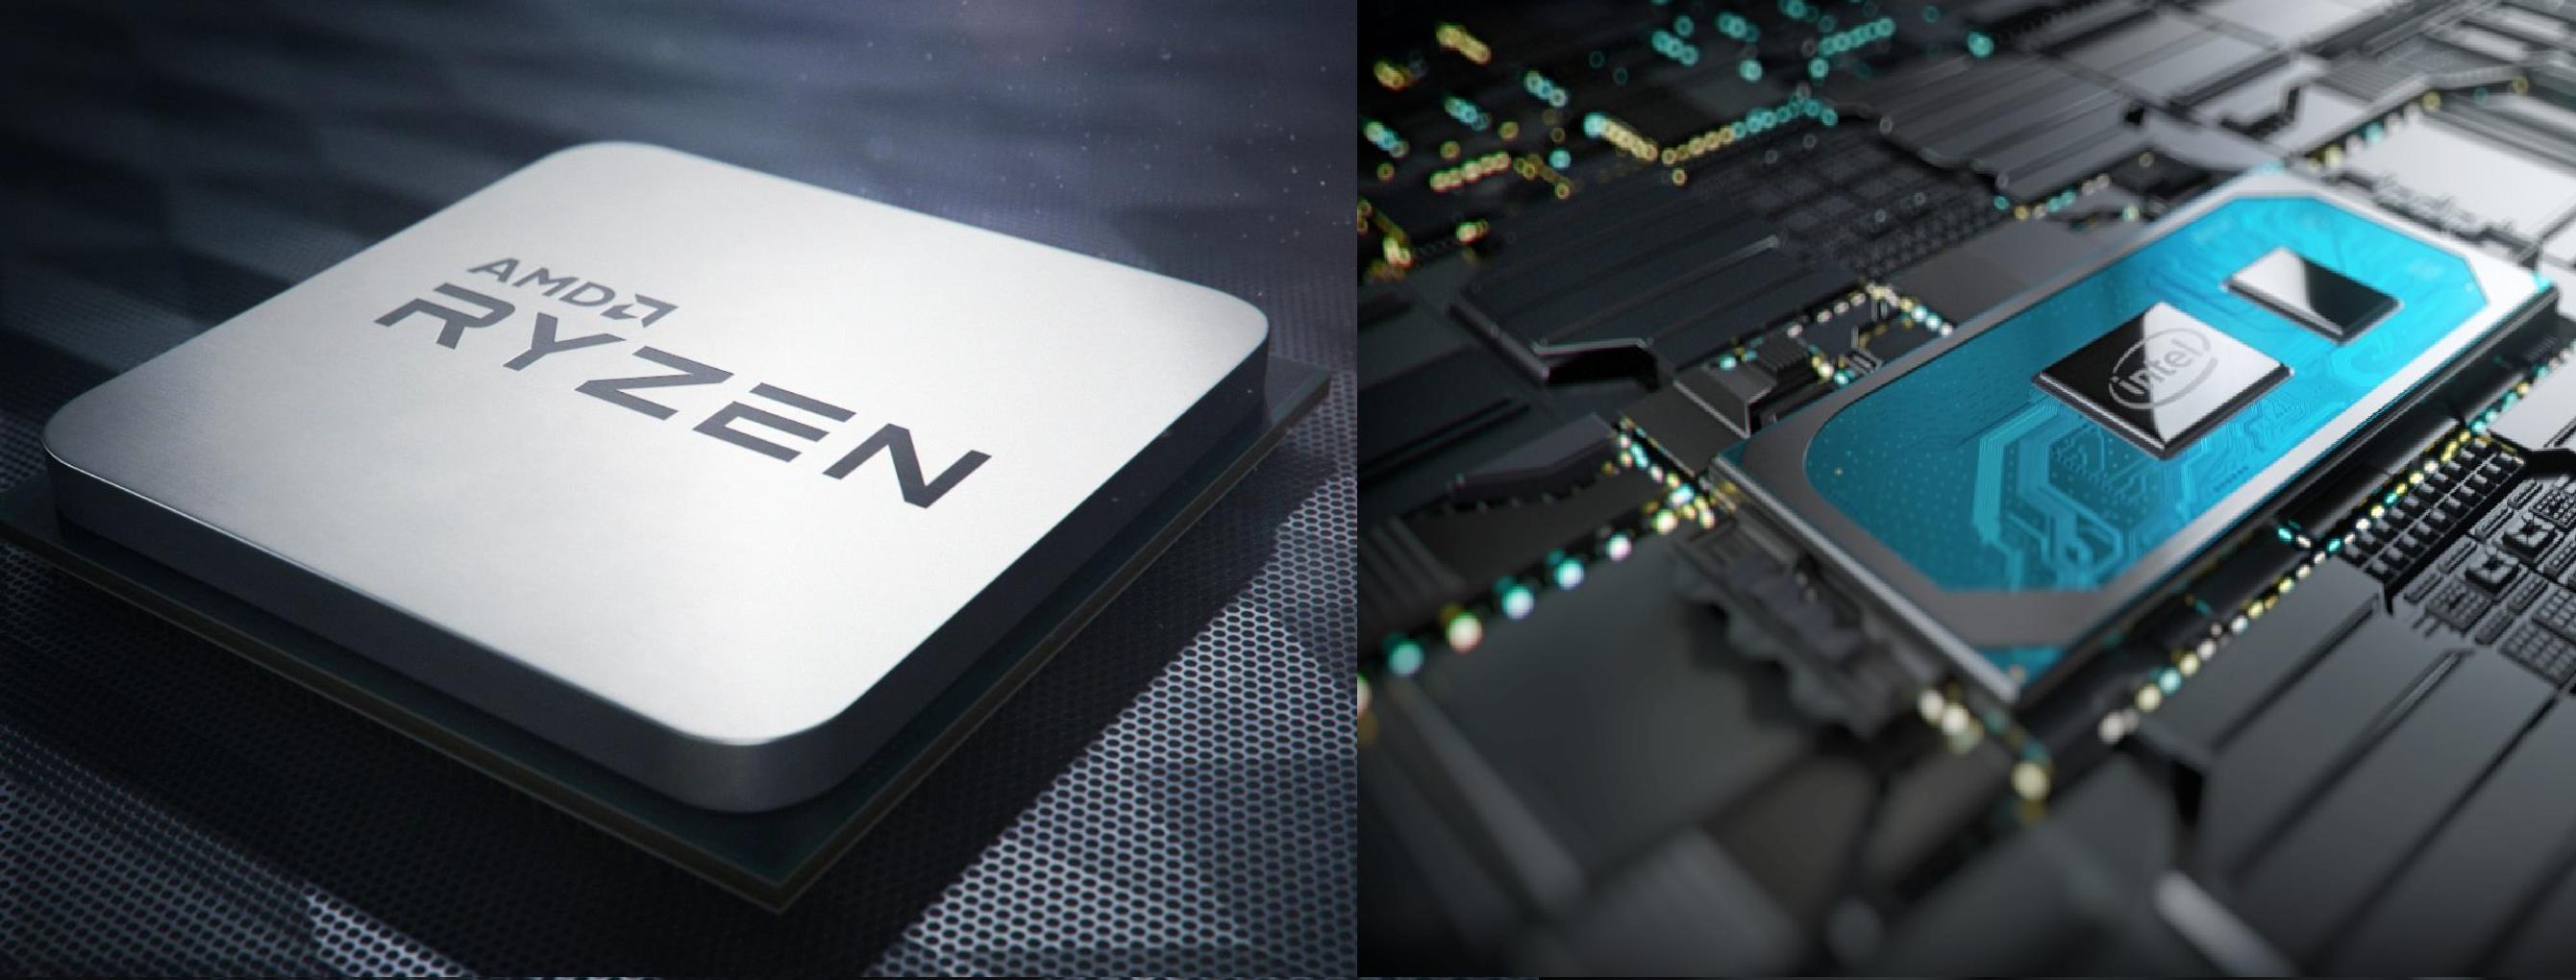 Intel Markets Their 9th Gen Core Cpus Better Than 3rd Gen Amd Ryzen